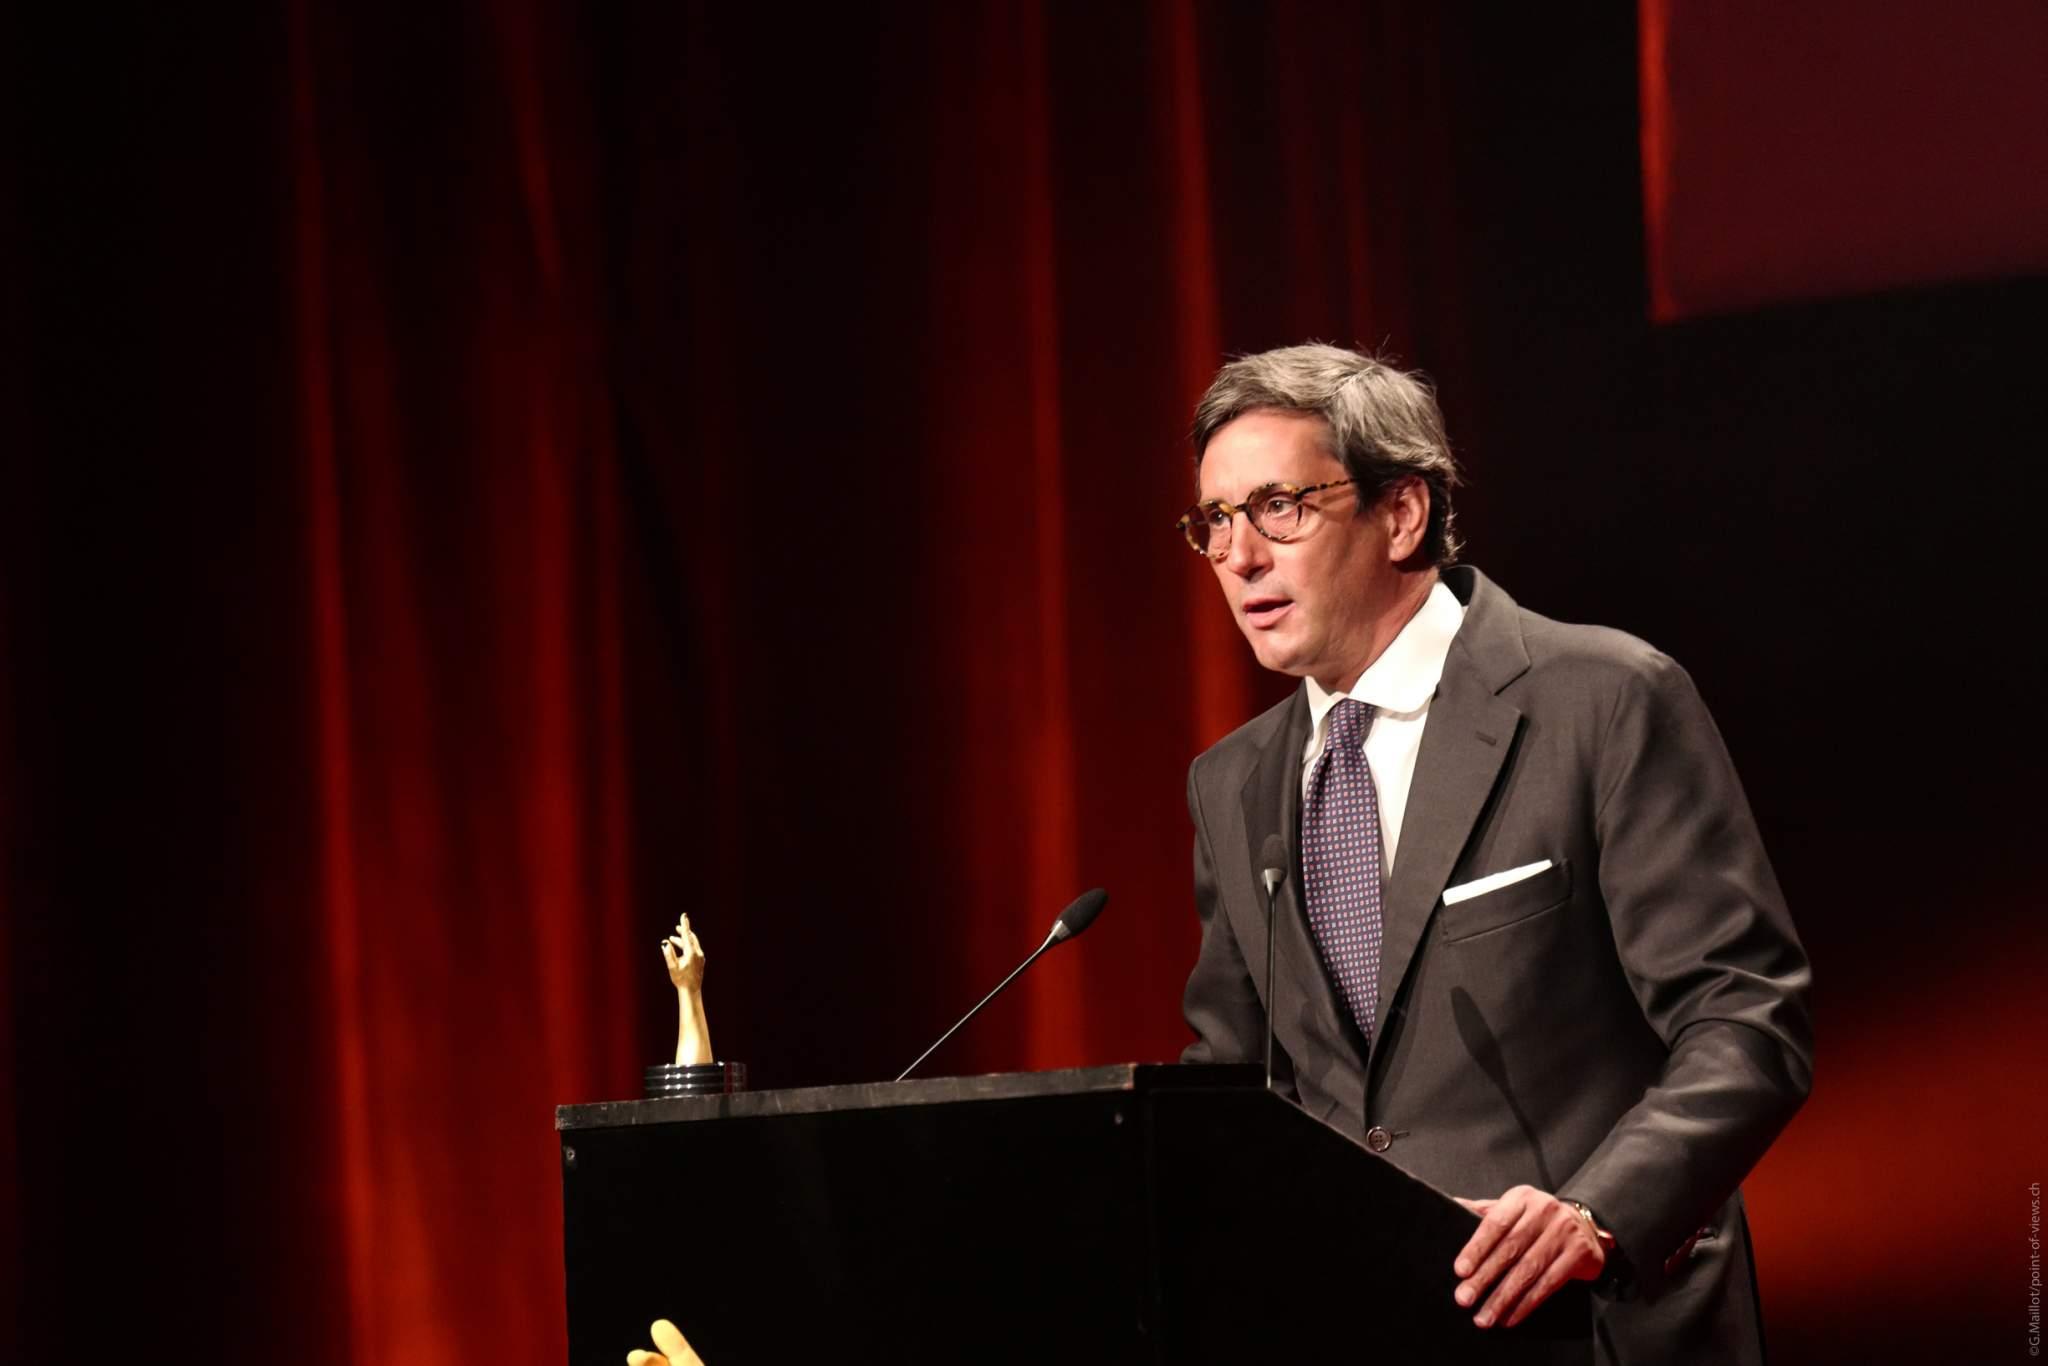 Davide Traxler, CEO de Parmigiani Fleurier, lauréat du Prix de l'Innovation 2020